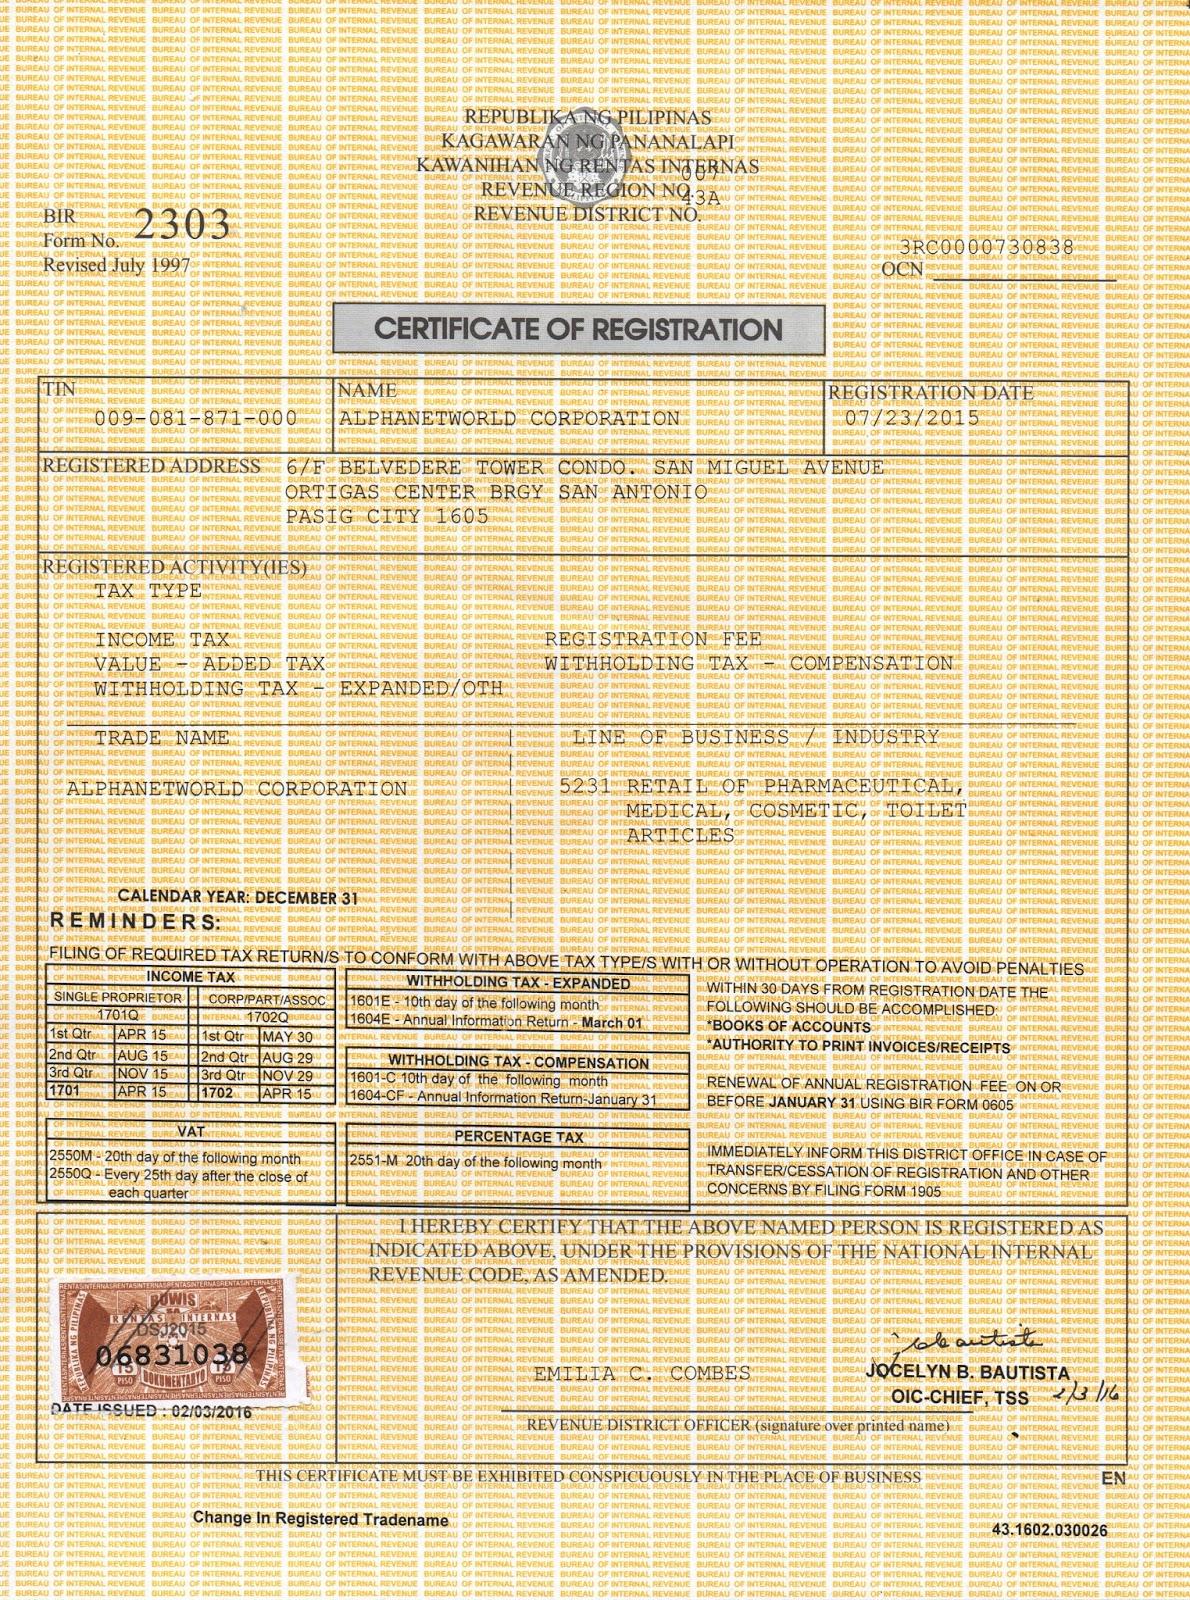 BIR Certificate